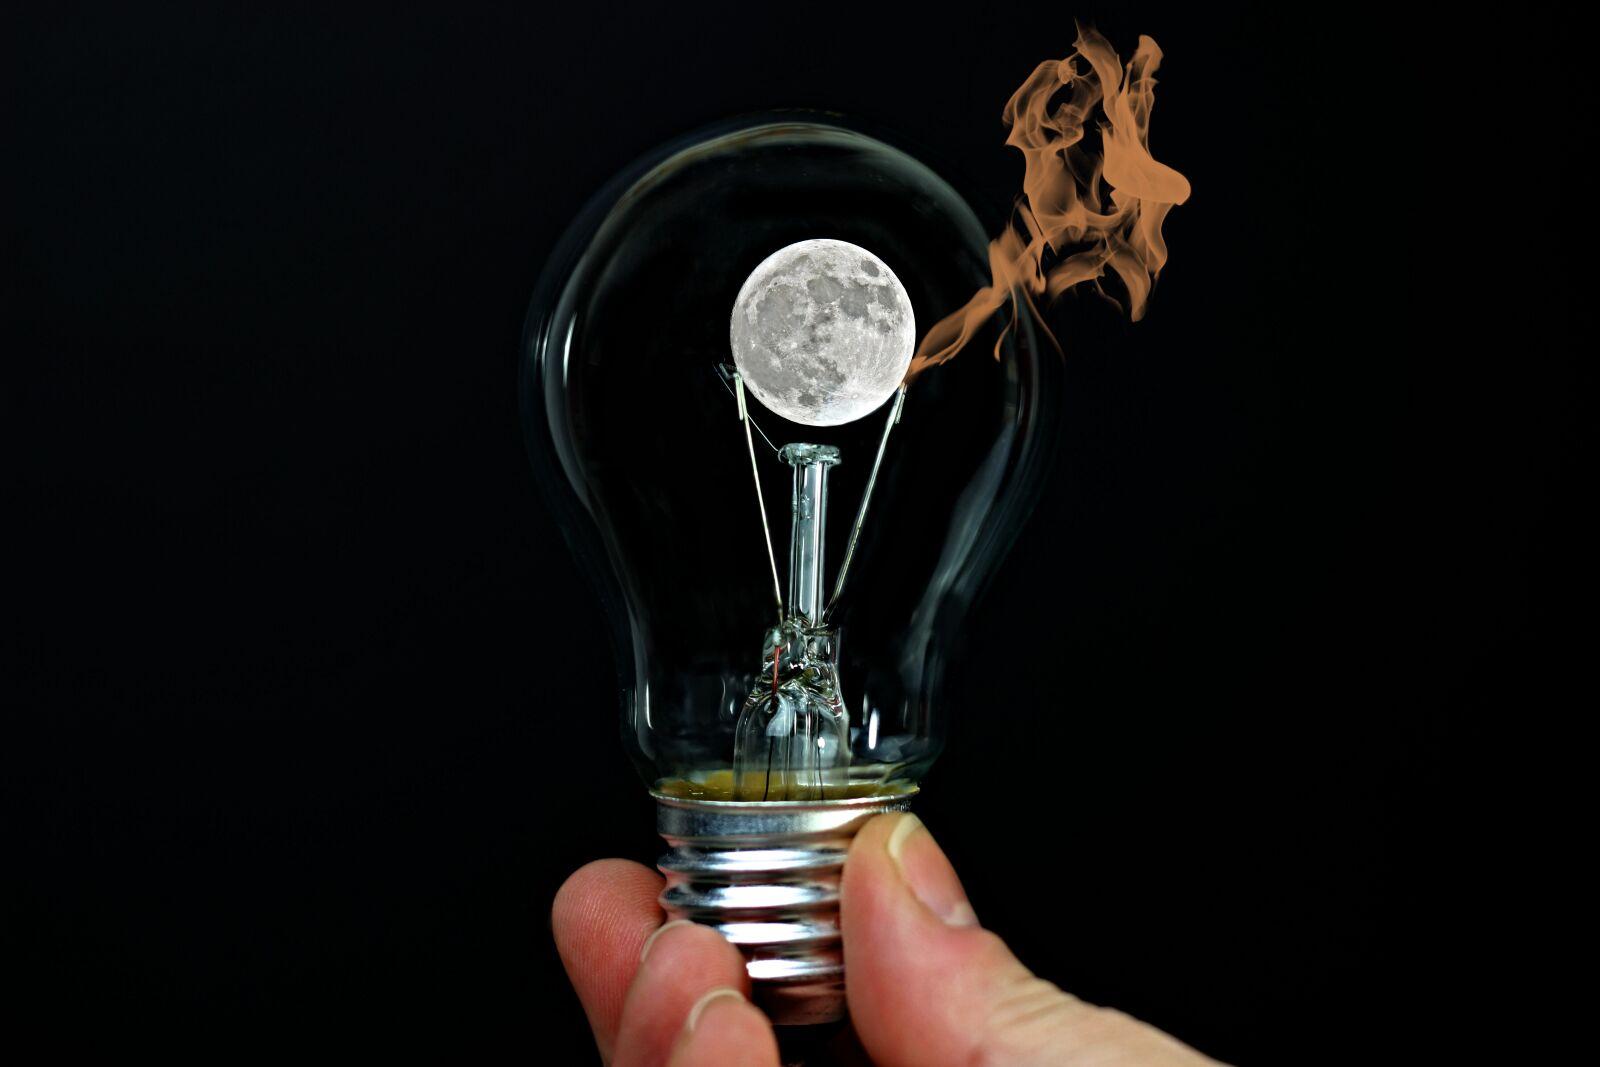 light bulb, hand, moon